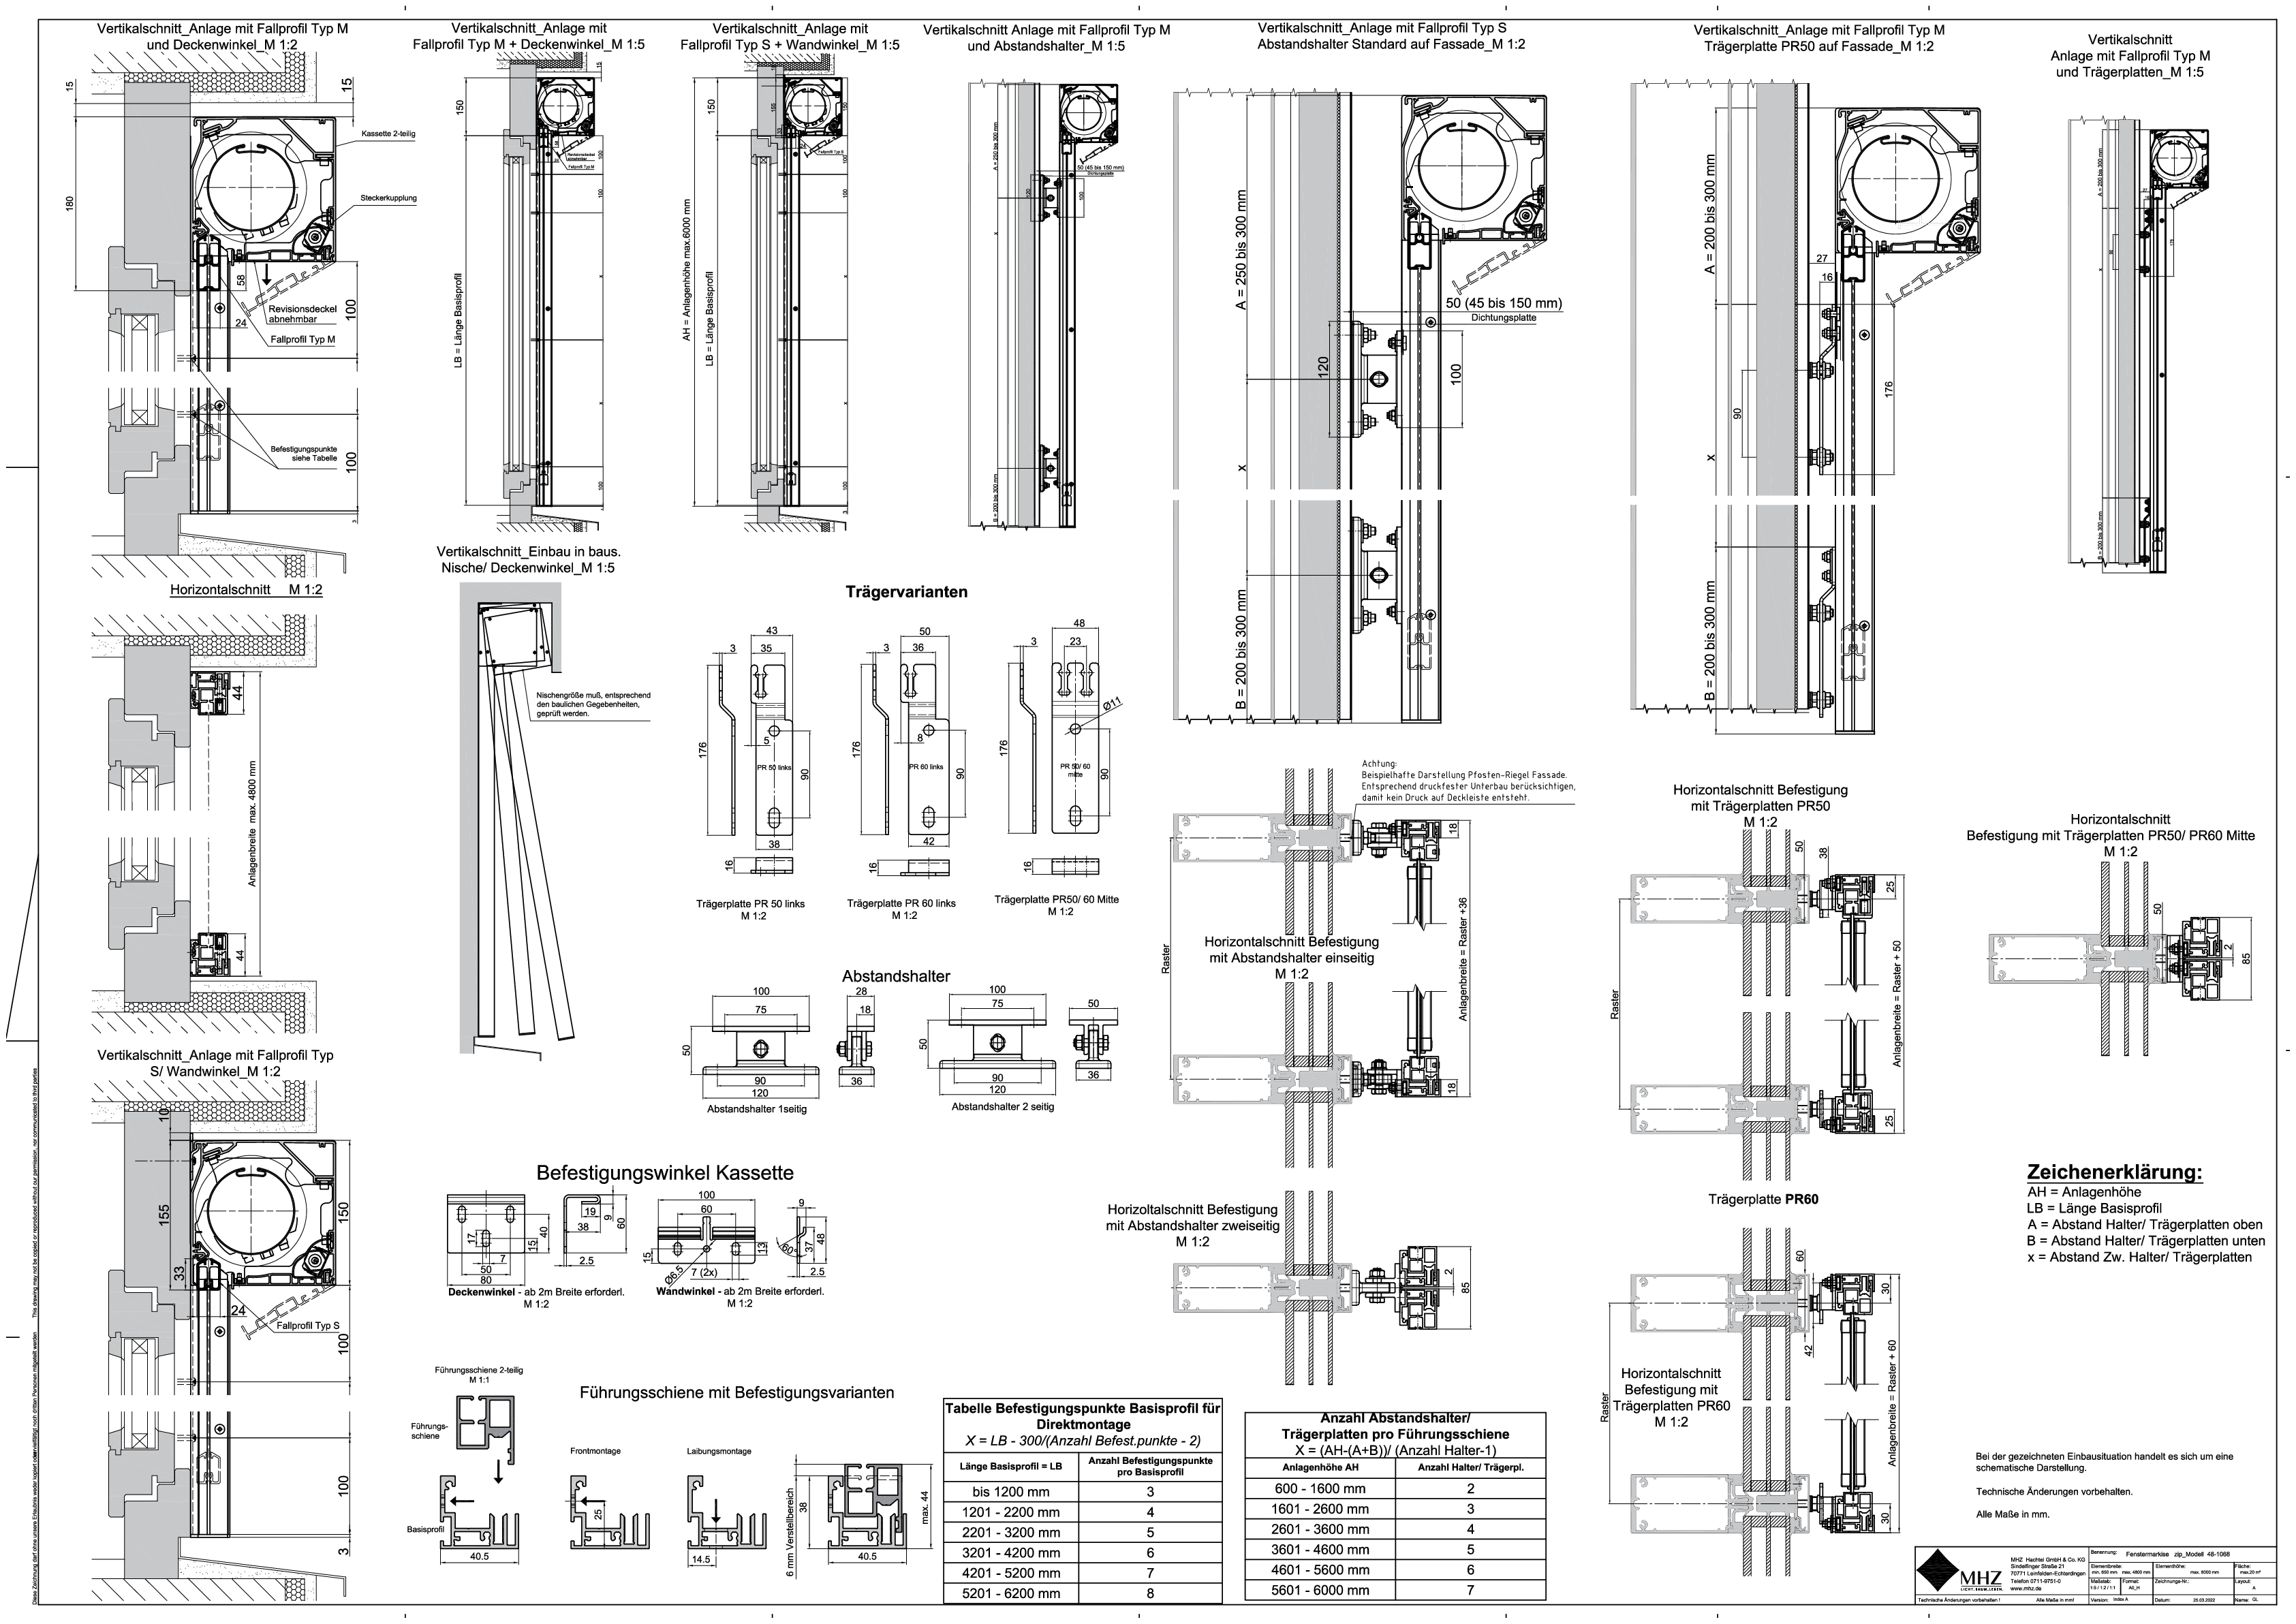 Technische Zeichnung dwg Fenstermarkisen zip_2.0 48-1068